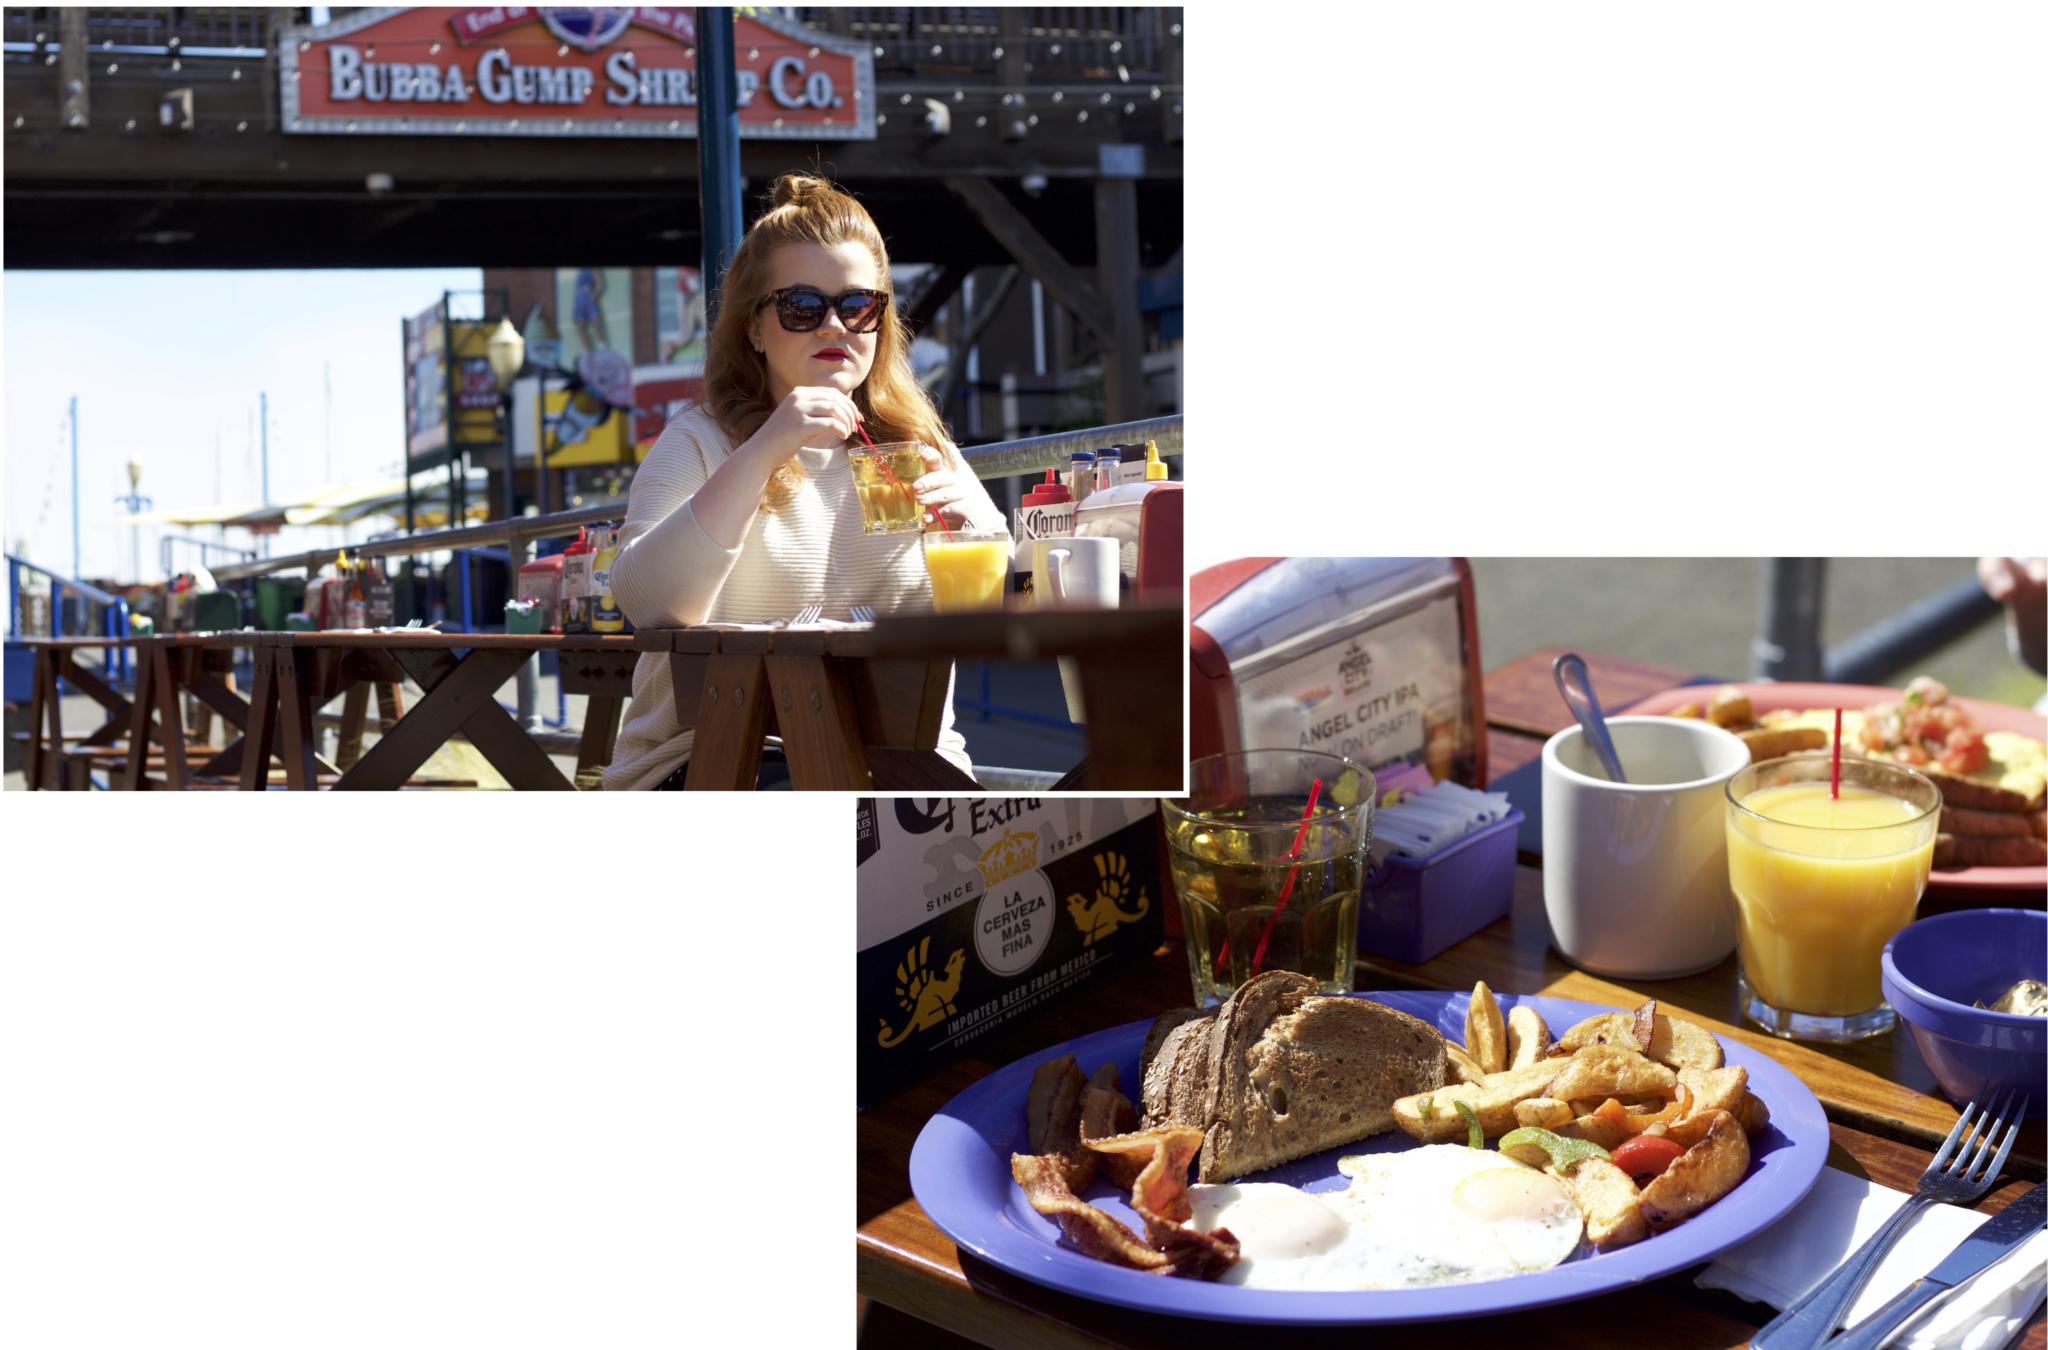 Frühstück im Wipe Out am Pier 39 - Ein Tag am Pier 39 in San Francisco - Erlebnisse und 5 Tipps für einen Tag am Pier 39 - Reise Blogger Tipps